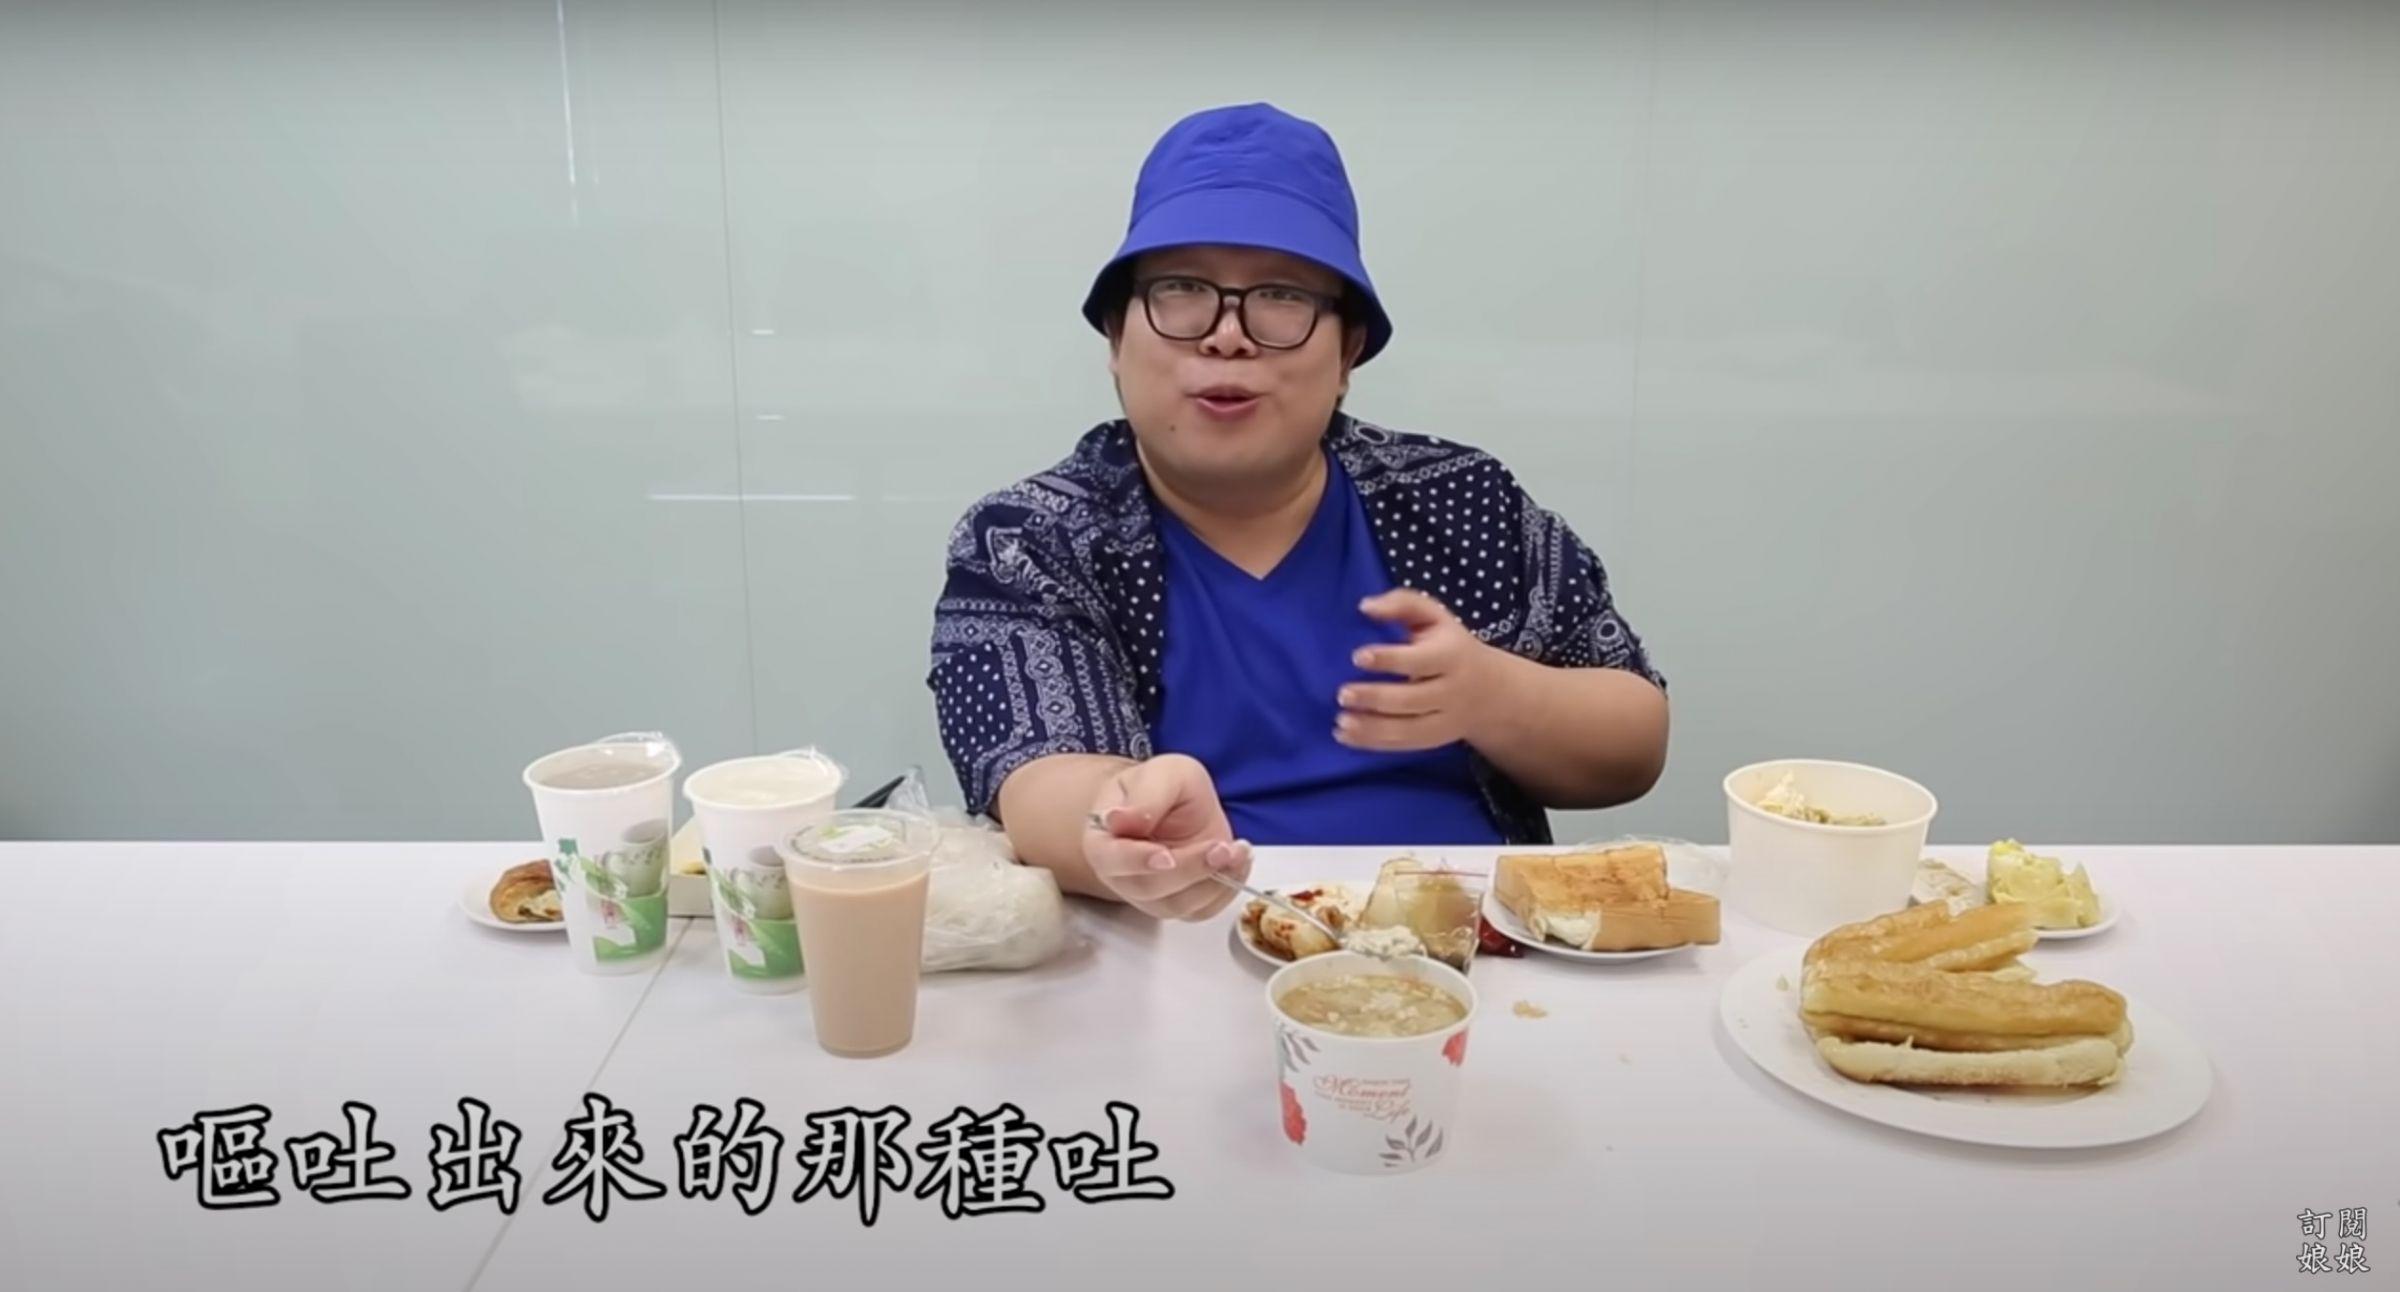 娘娘试吃台湾早餐「一脸嫌弃」!狠批「烧饼油条」:你们可以忍受它这么敷衍?插图2